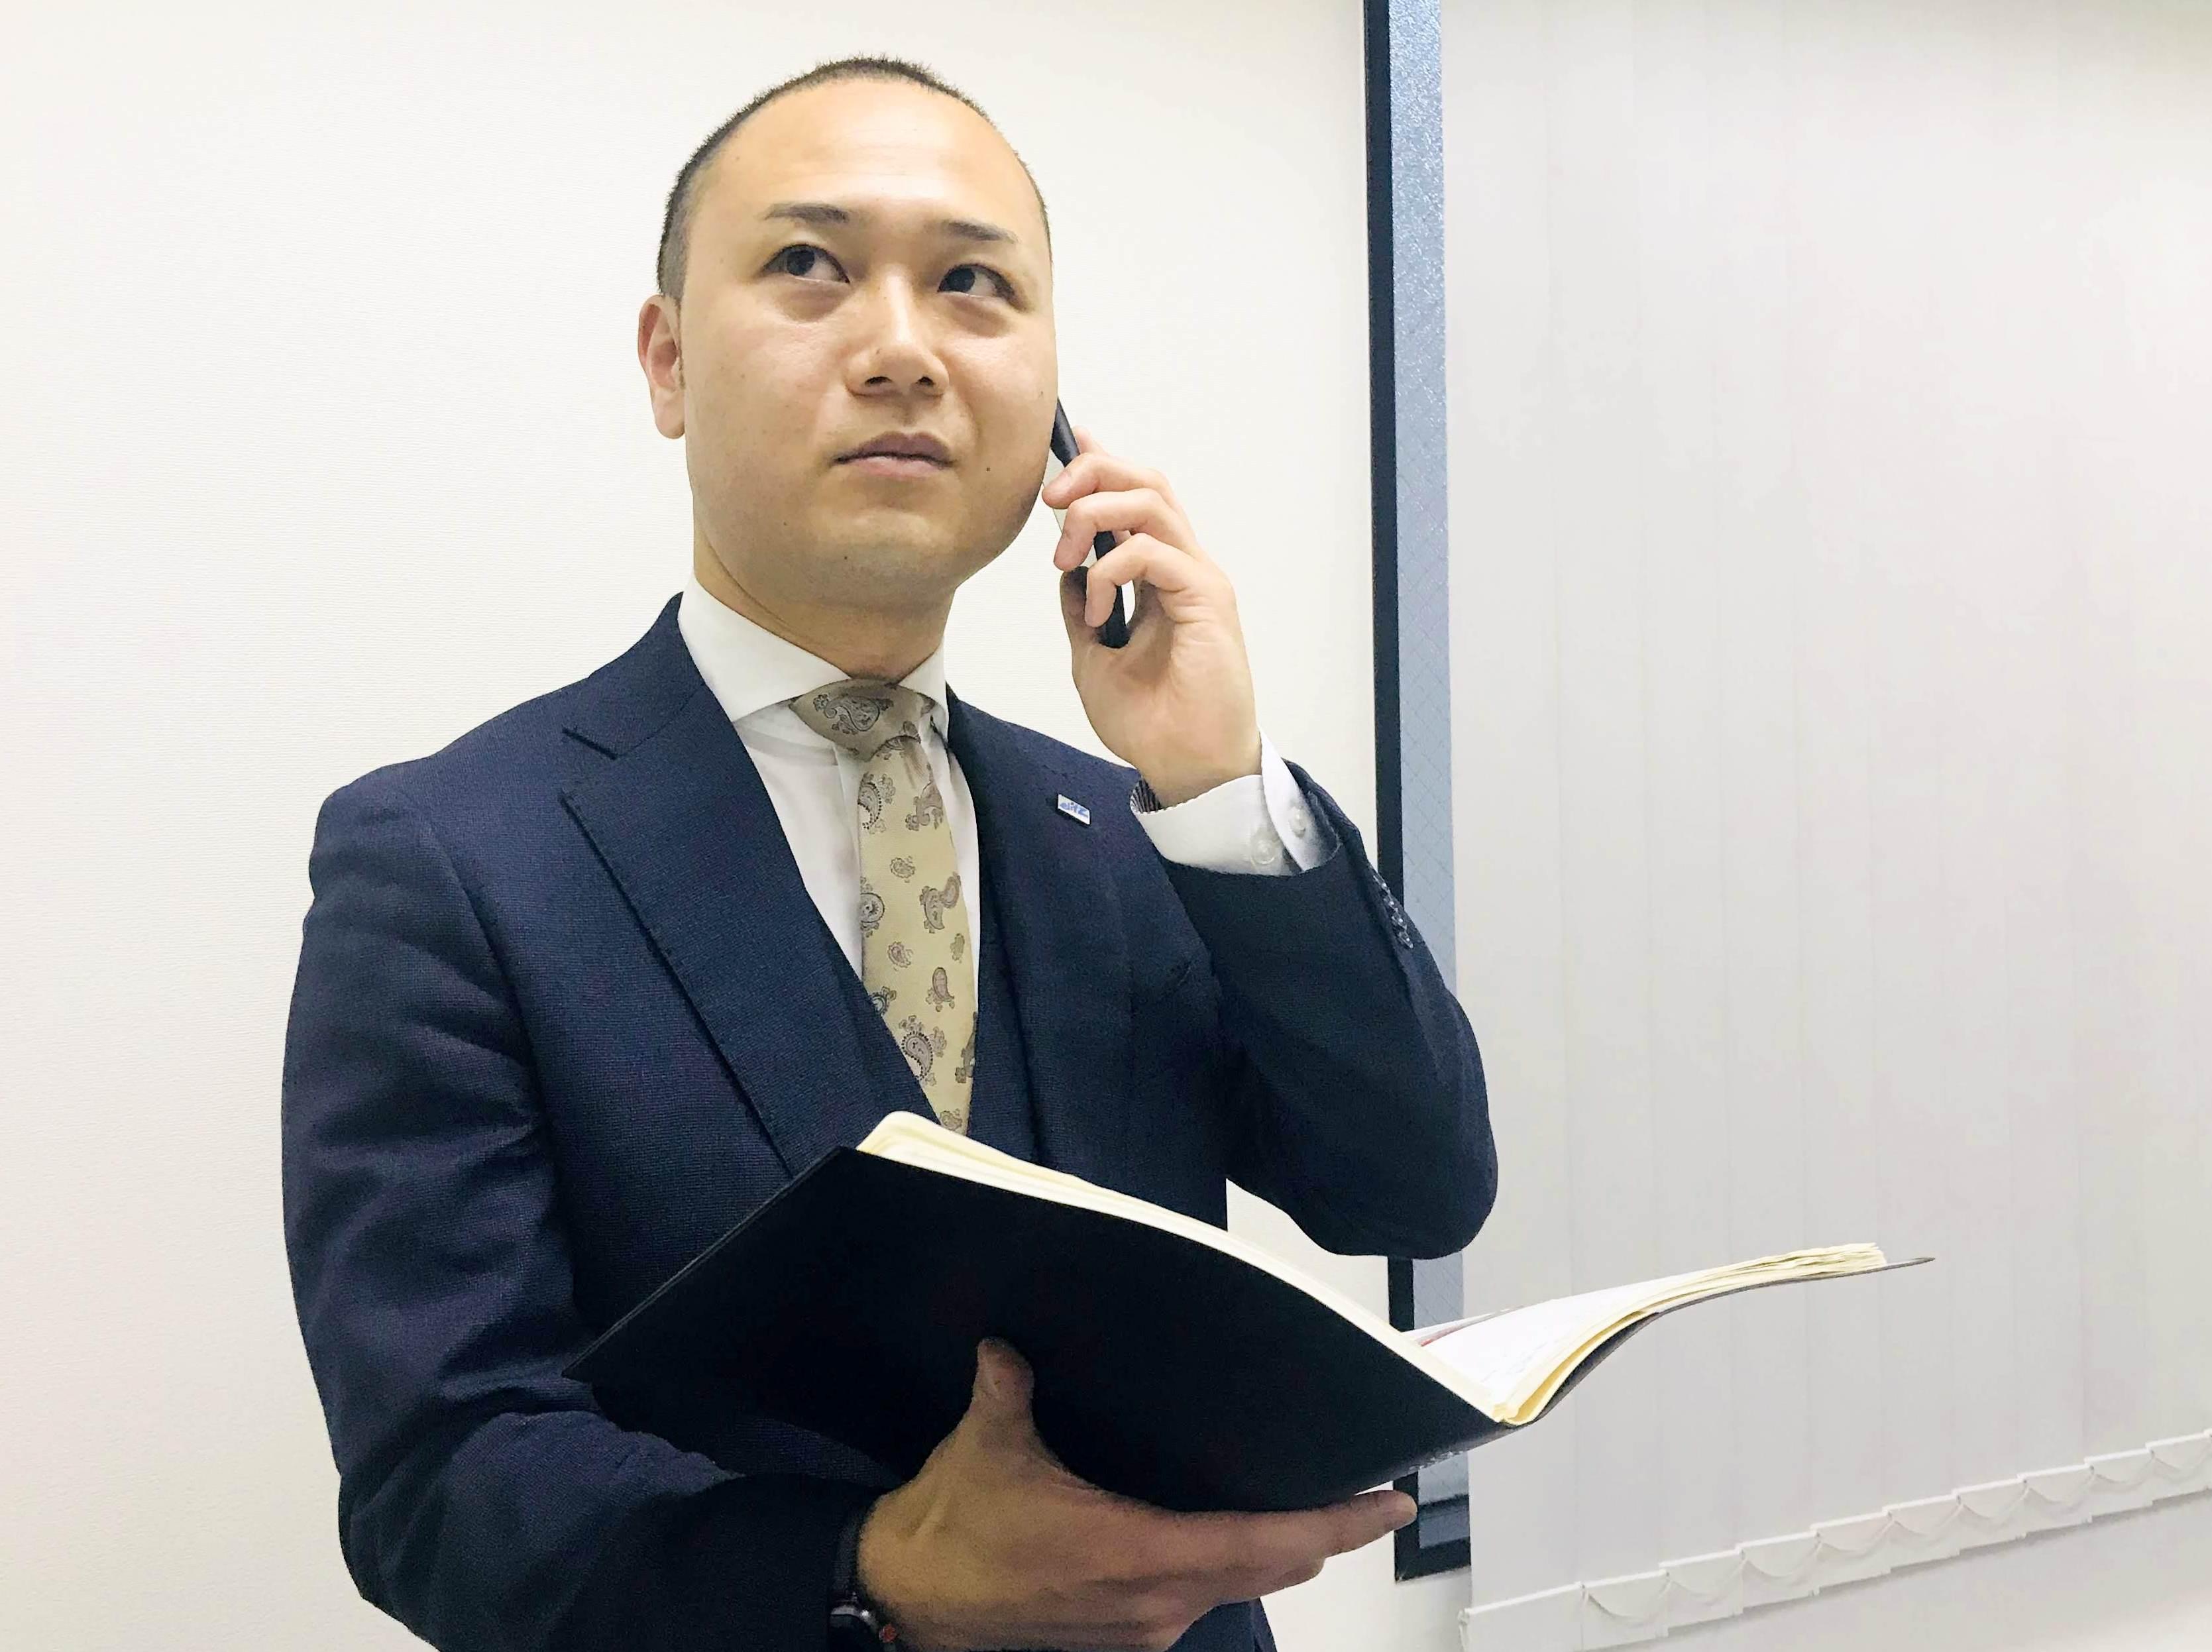 社長秘書 兼 ドライバー(総合職) 仕事内容